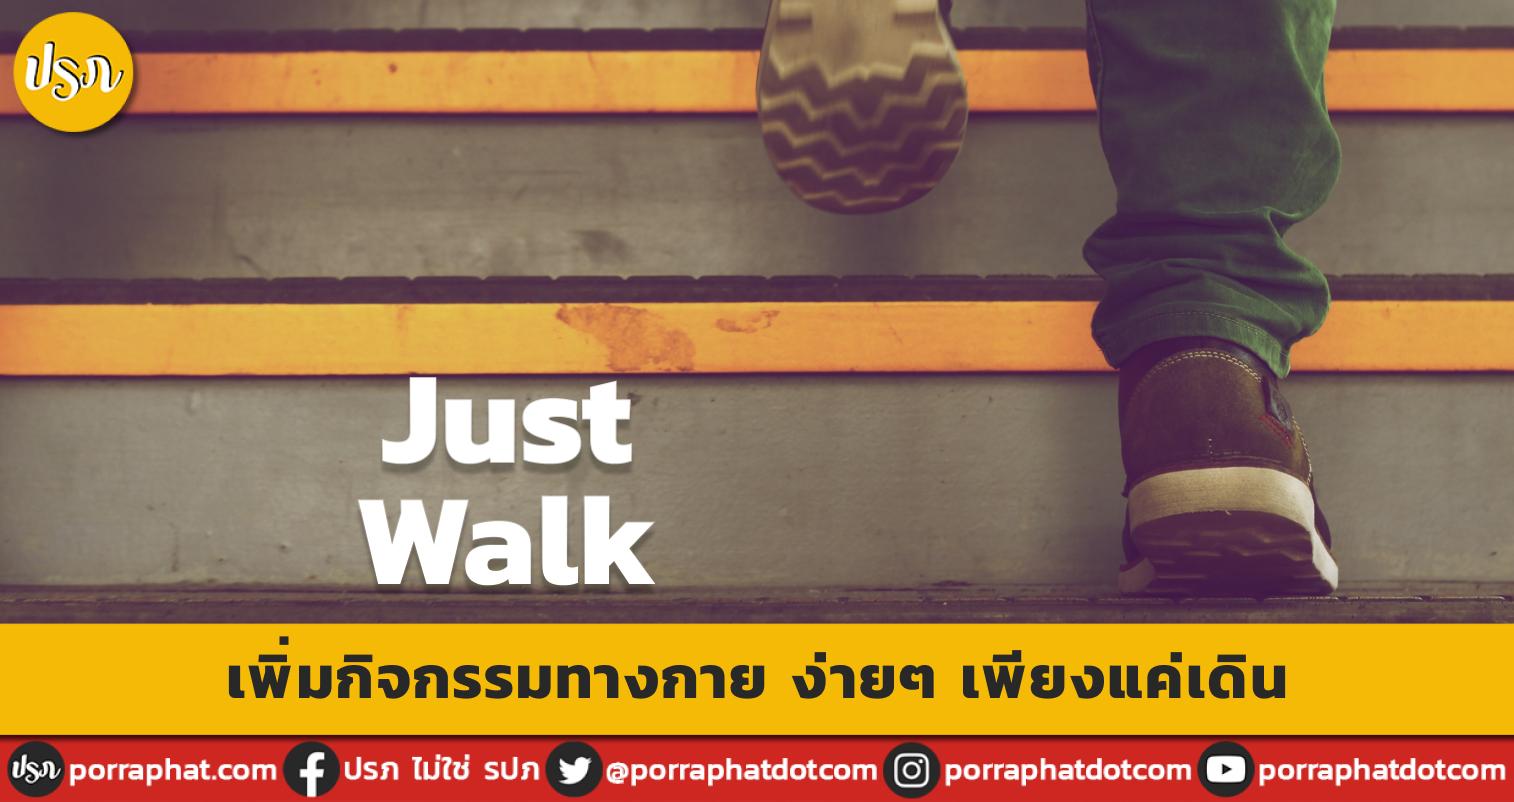 เพิ่มกิจกรรมทางกาย ง่ายๆ เพียงแค่เดิน